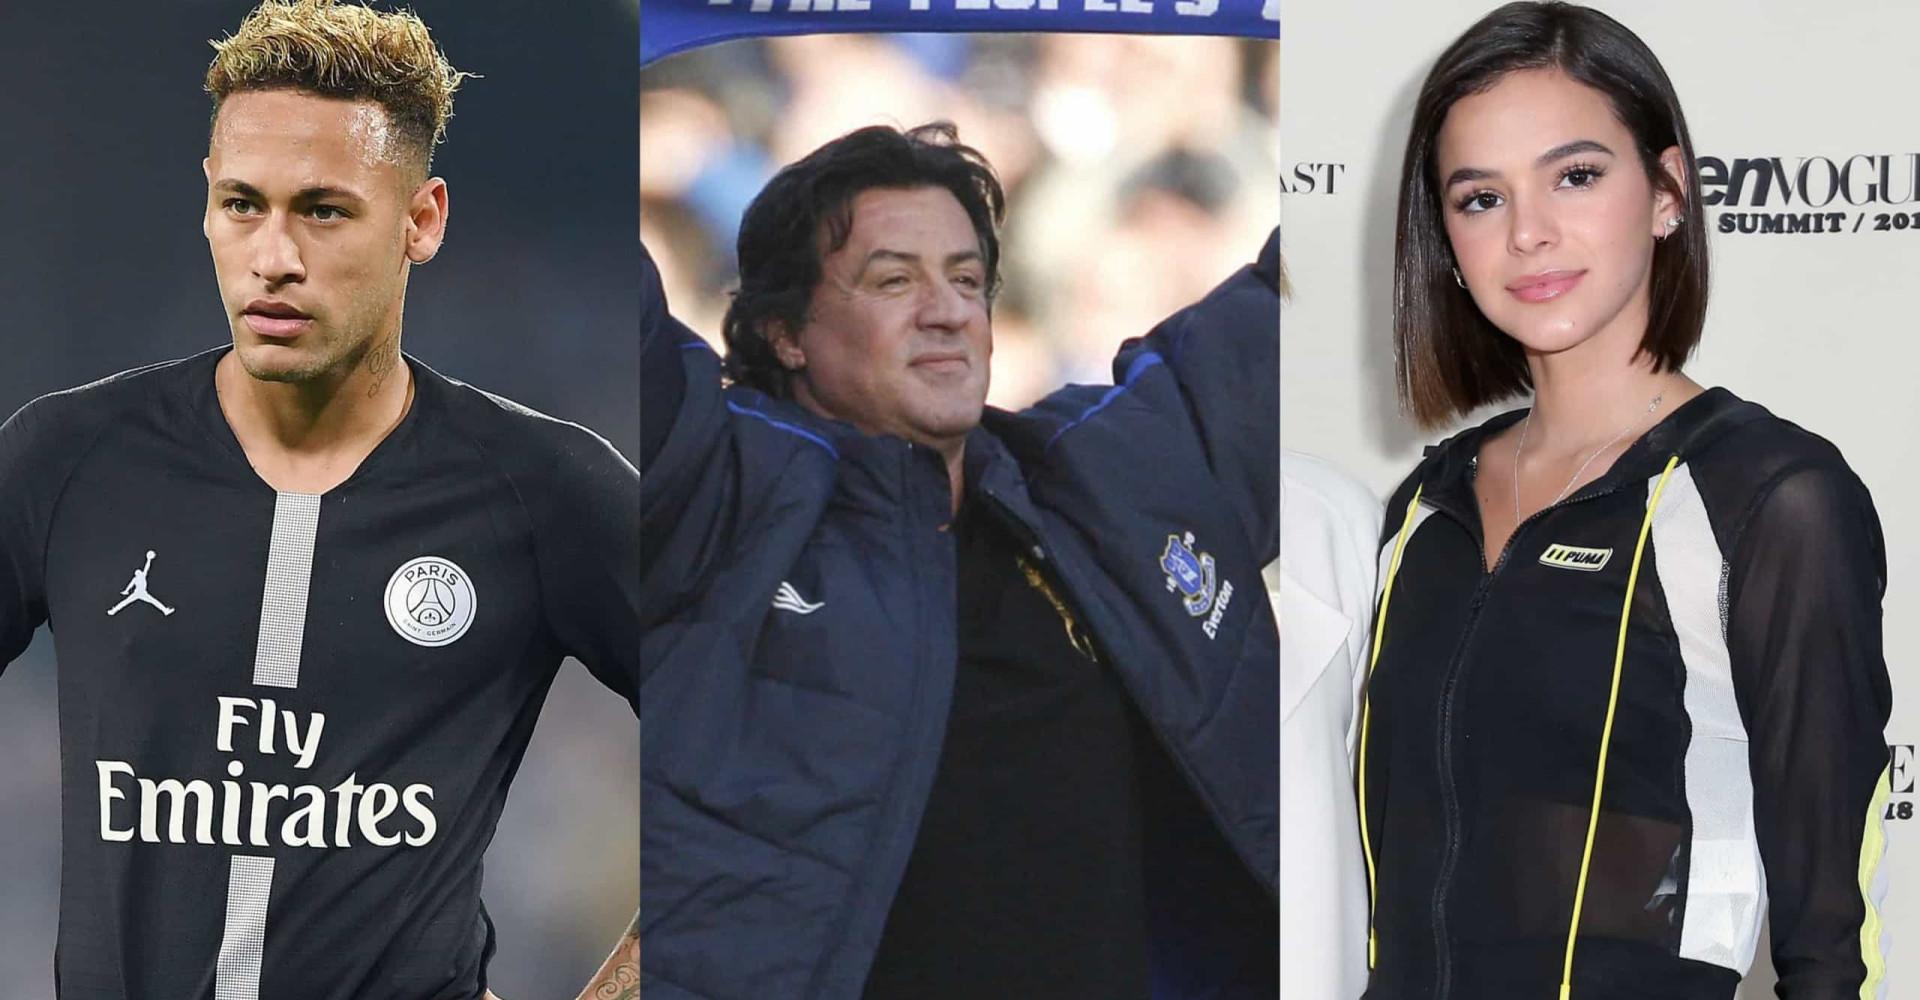 Le squadre di calcio preferite dalle star di Hollywood